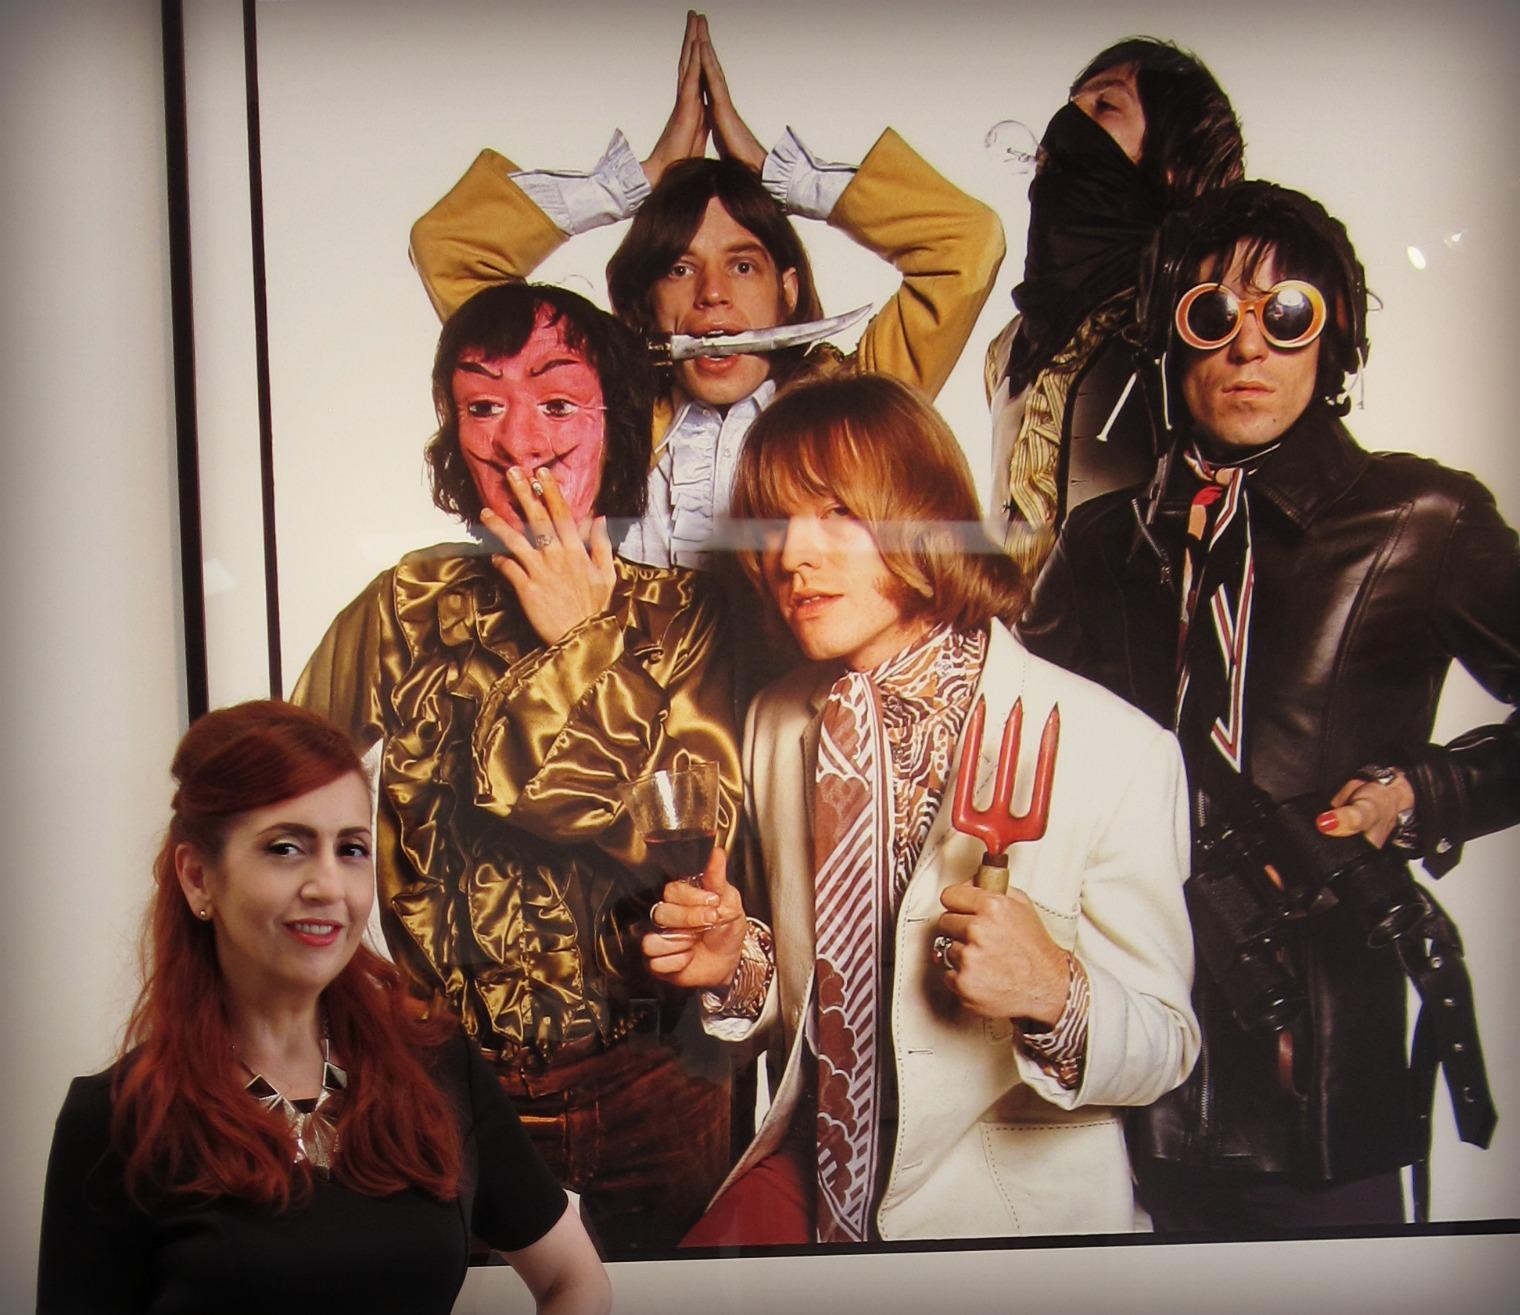 Rolling Stones Taschen Los Angeles Exhibit